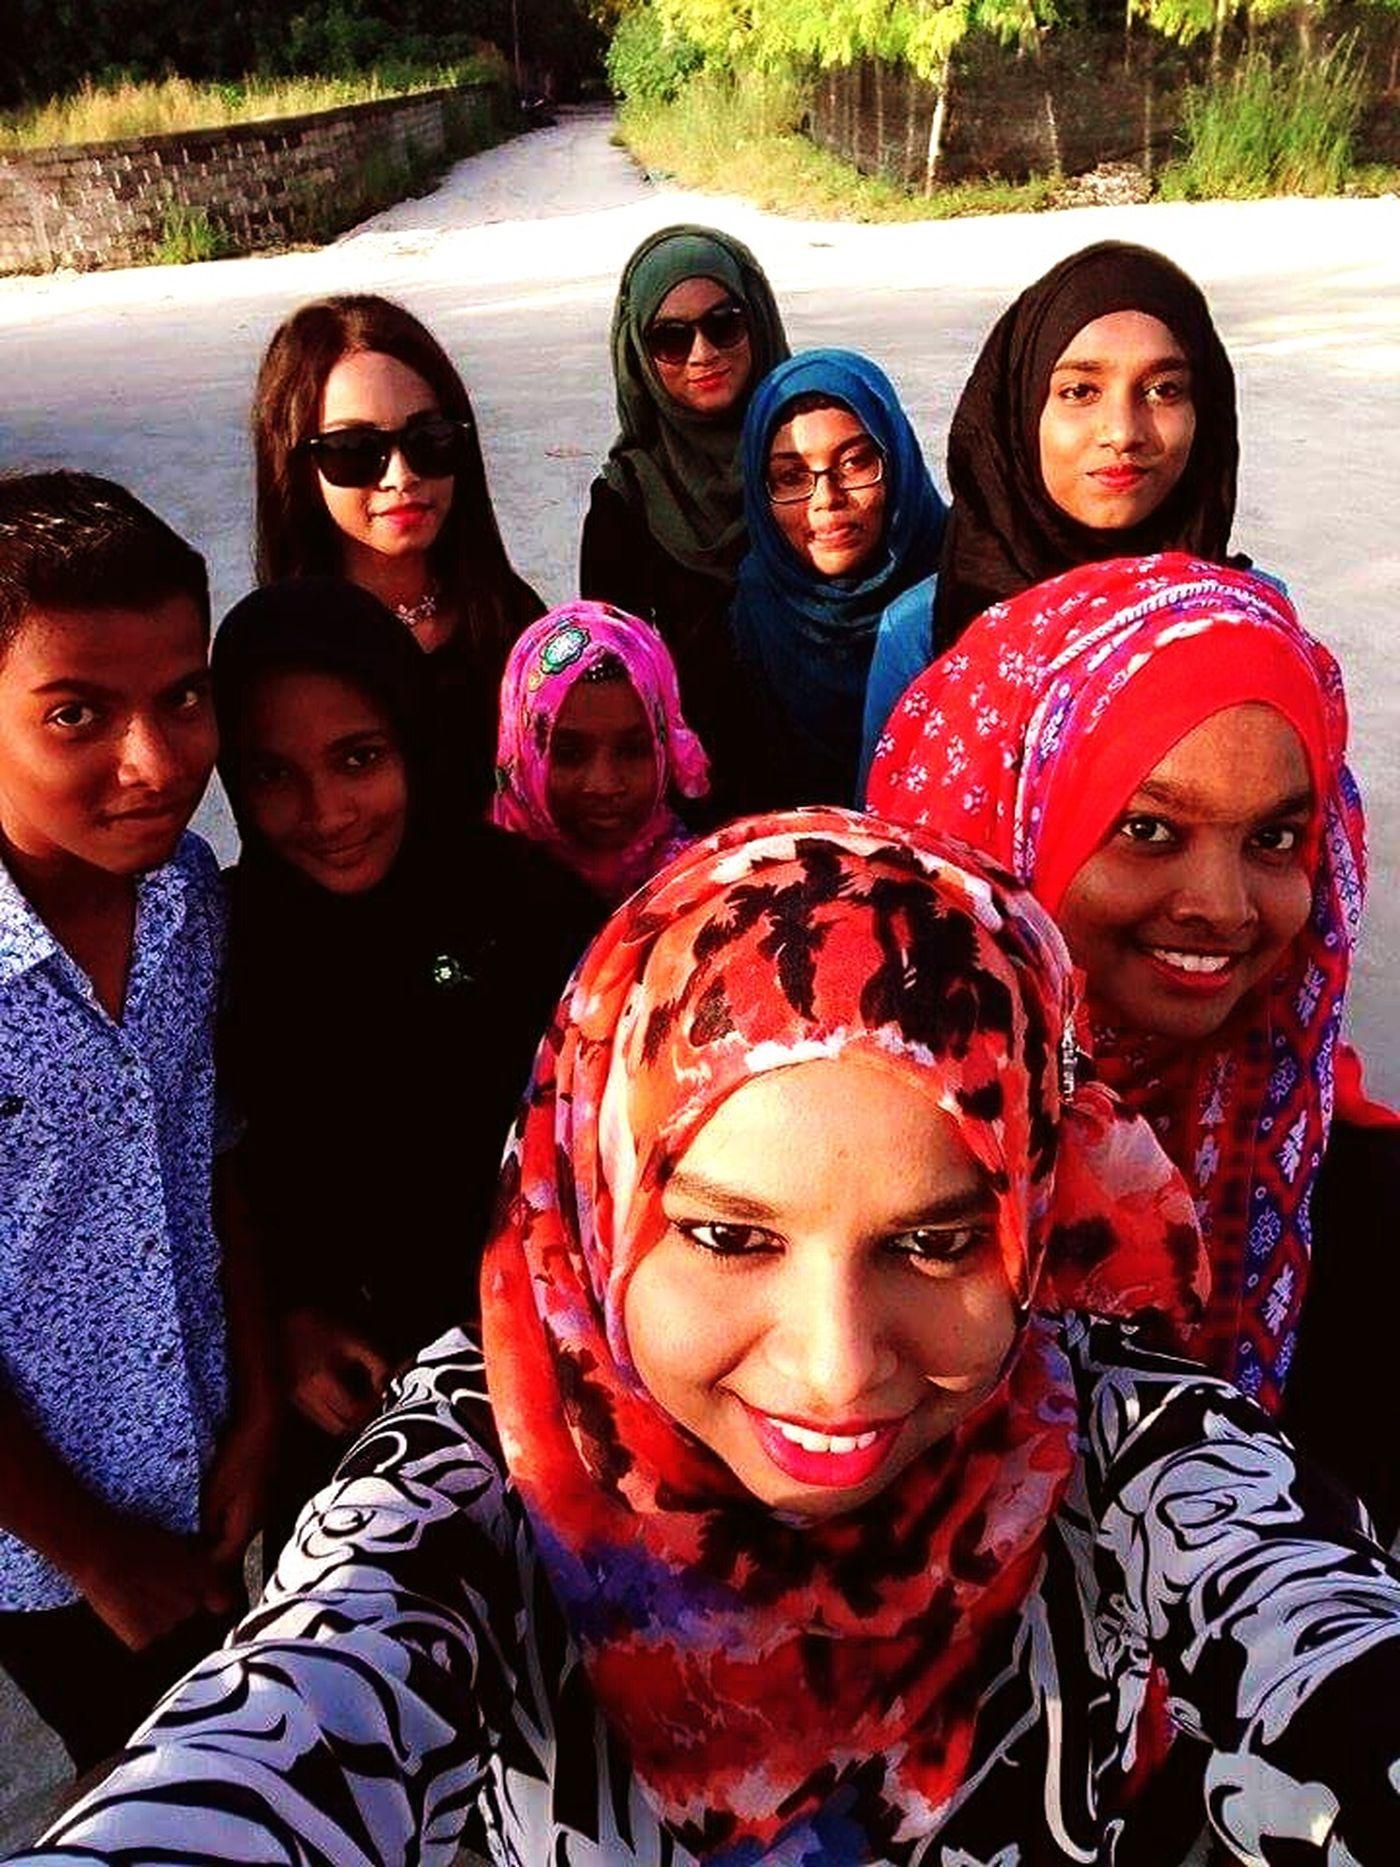 Evening walk. AA.Thoddoo Enjoying Life Taking Photos Happylife Cousins  Selfie ♥ Sunnyday Hanging Out Saycheese Island Life FamilyTime 😘😍